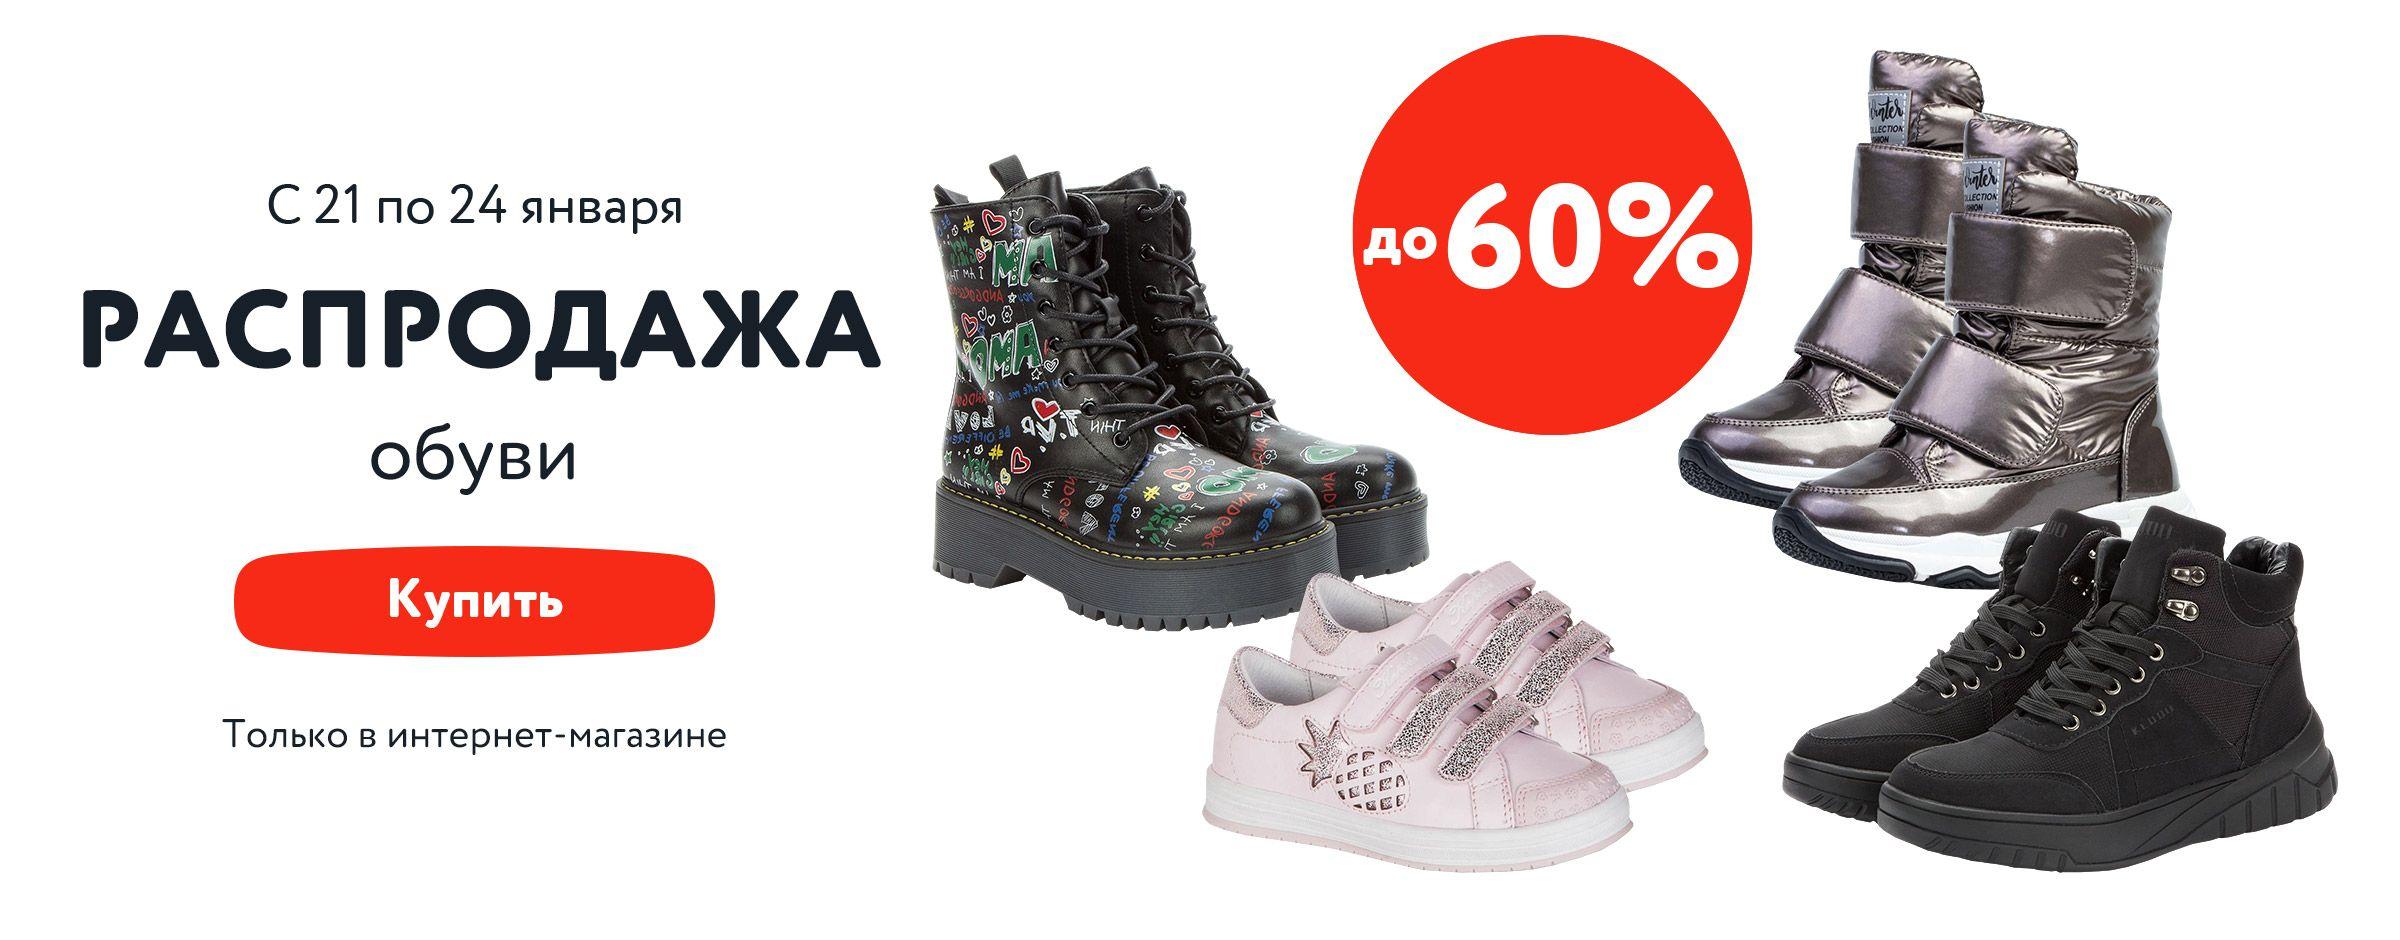 Распродажа обуви до 60% статика